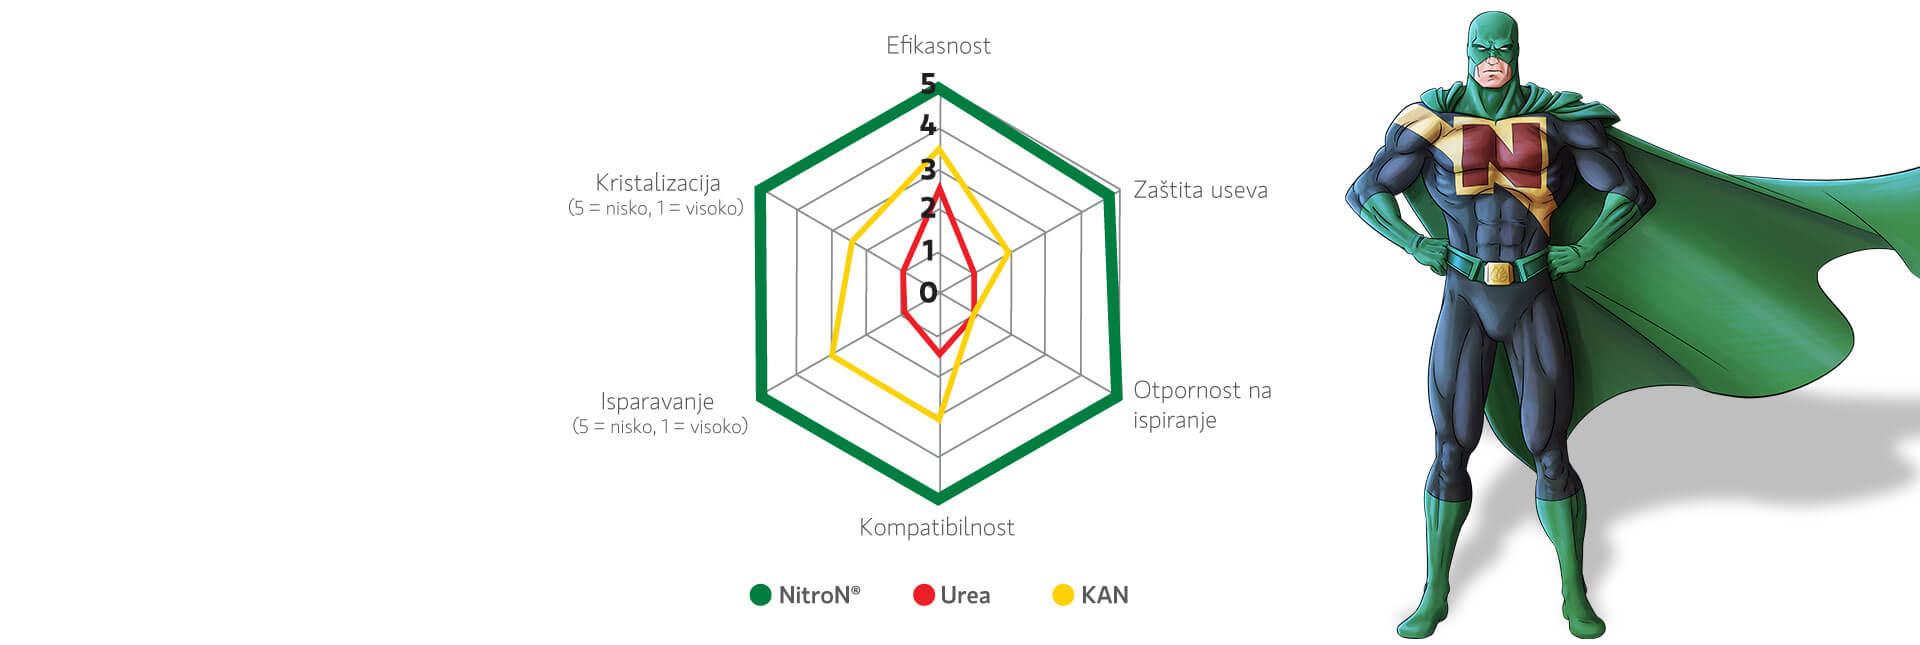 intertim_nitron_sr_grafikon_final